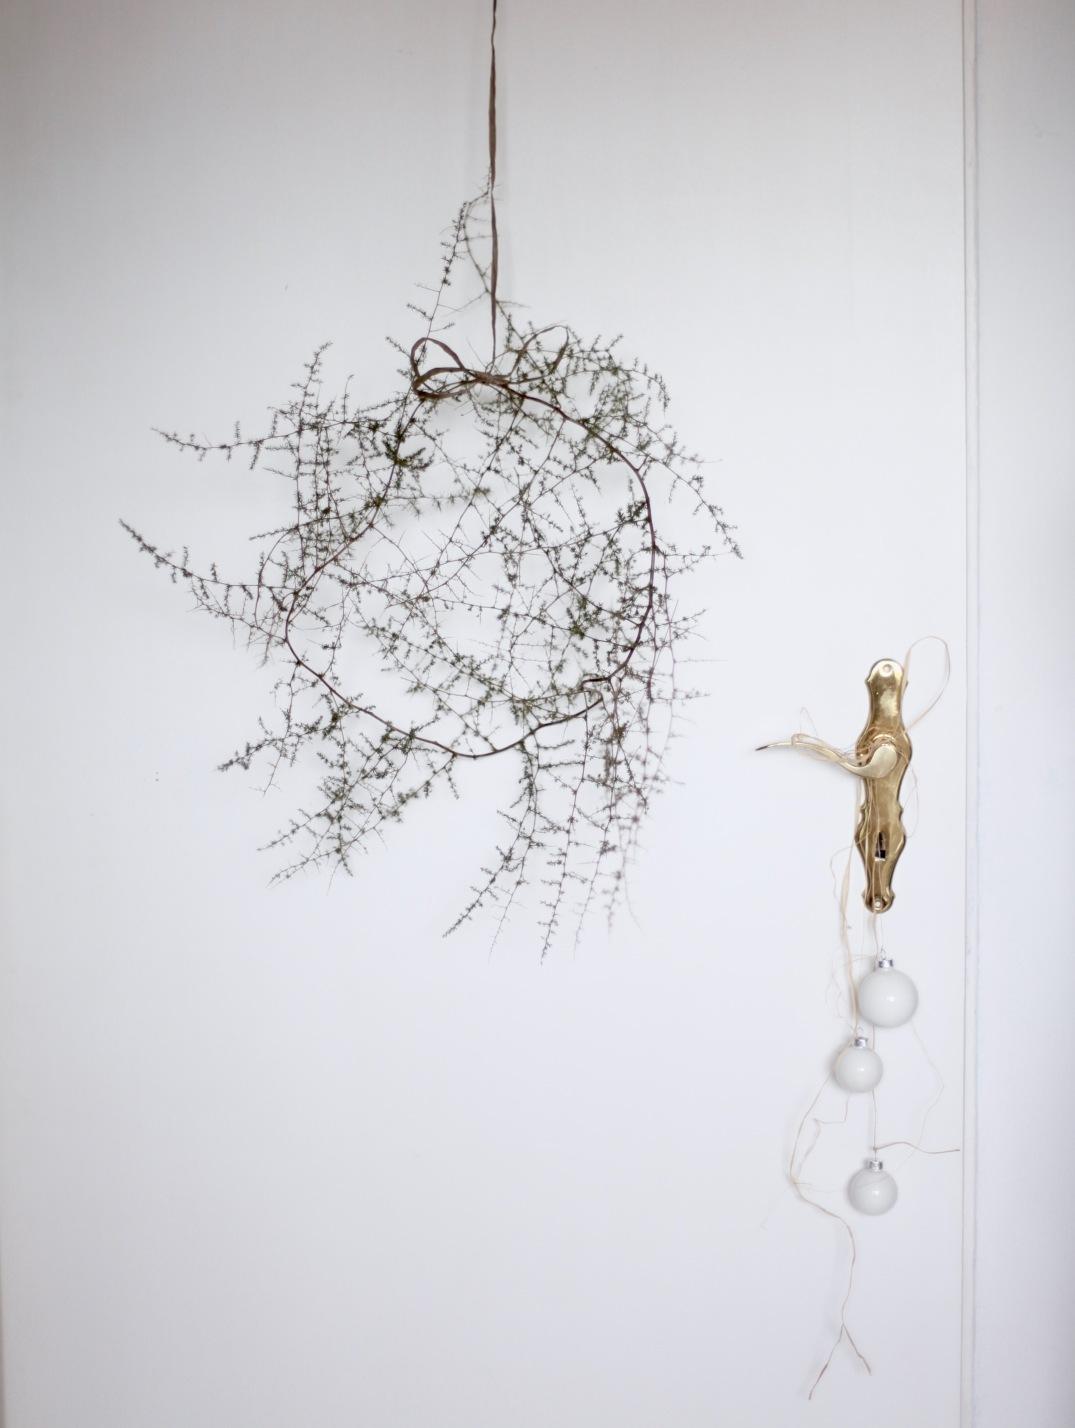 Minimalistic Christmas wreath via Anastasia Benko with white baubles